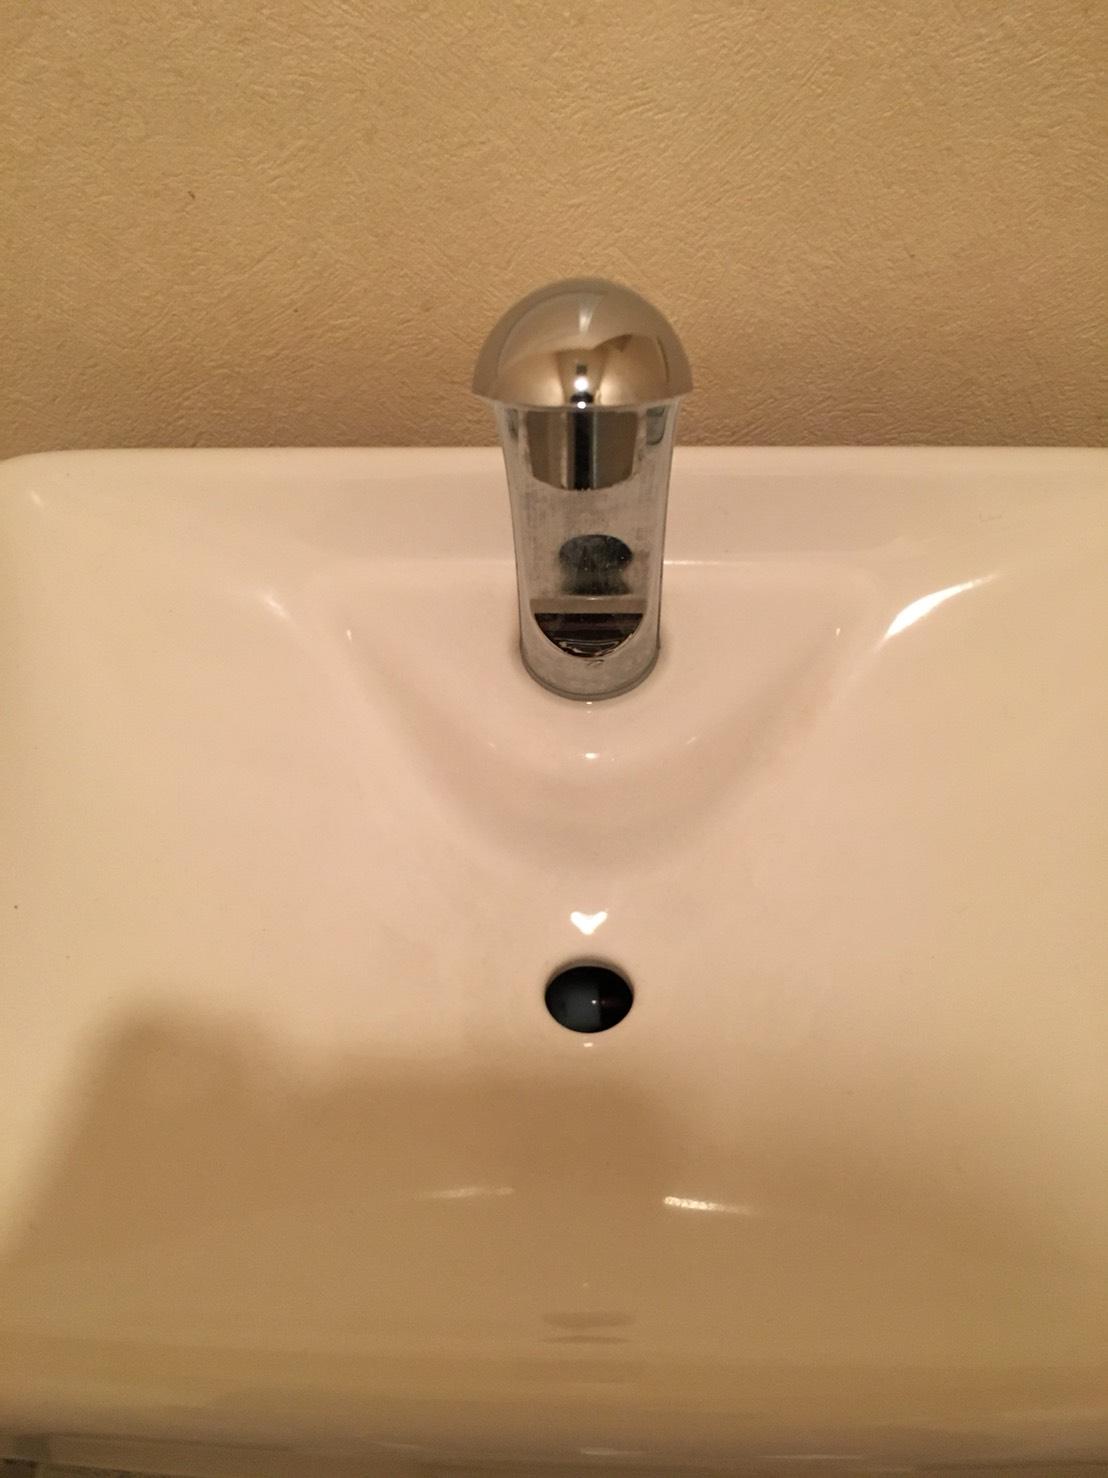 トイレクリーニング/トイレタンクの蛇口の錆びを除去します。隅々までしっかり除去!